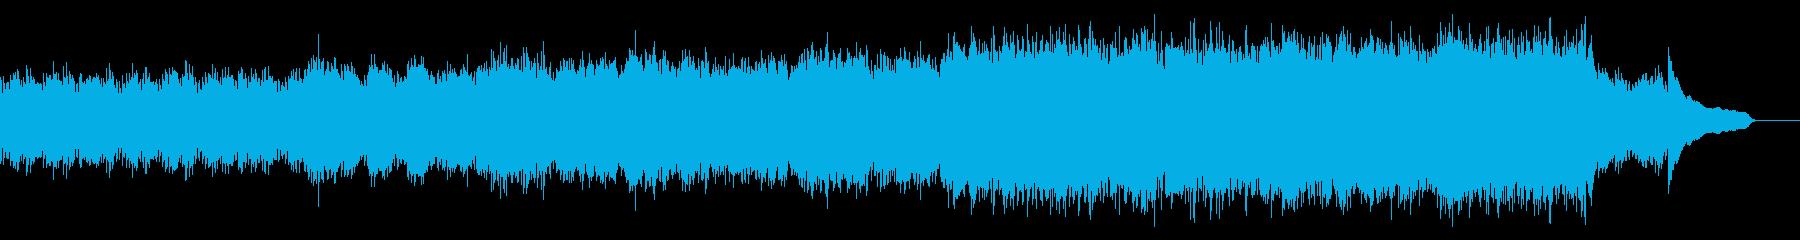 企業VP映像、103オーケストラ、爽快bの再生済みの波形